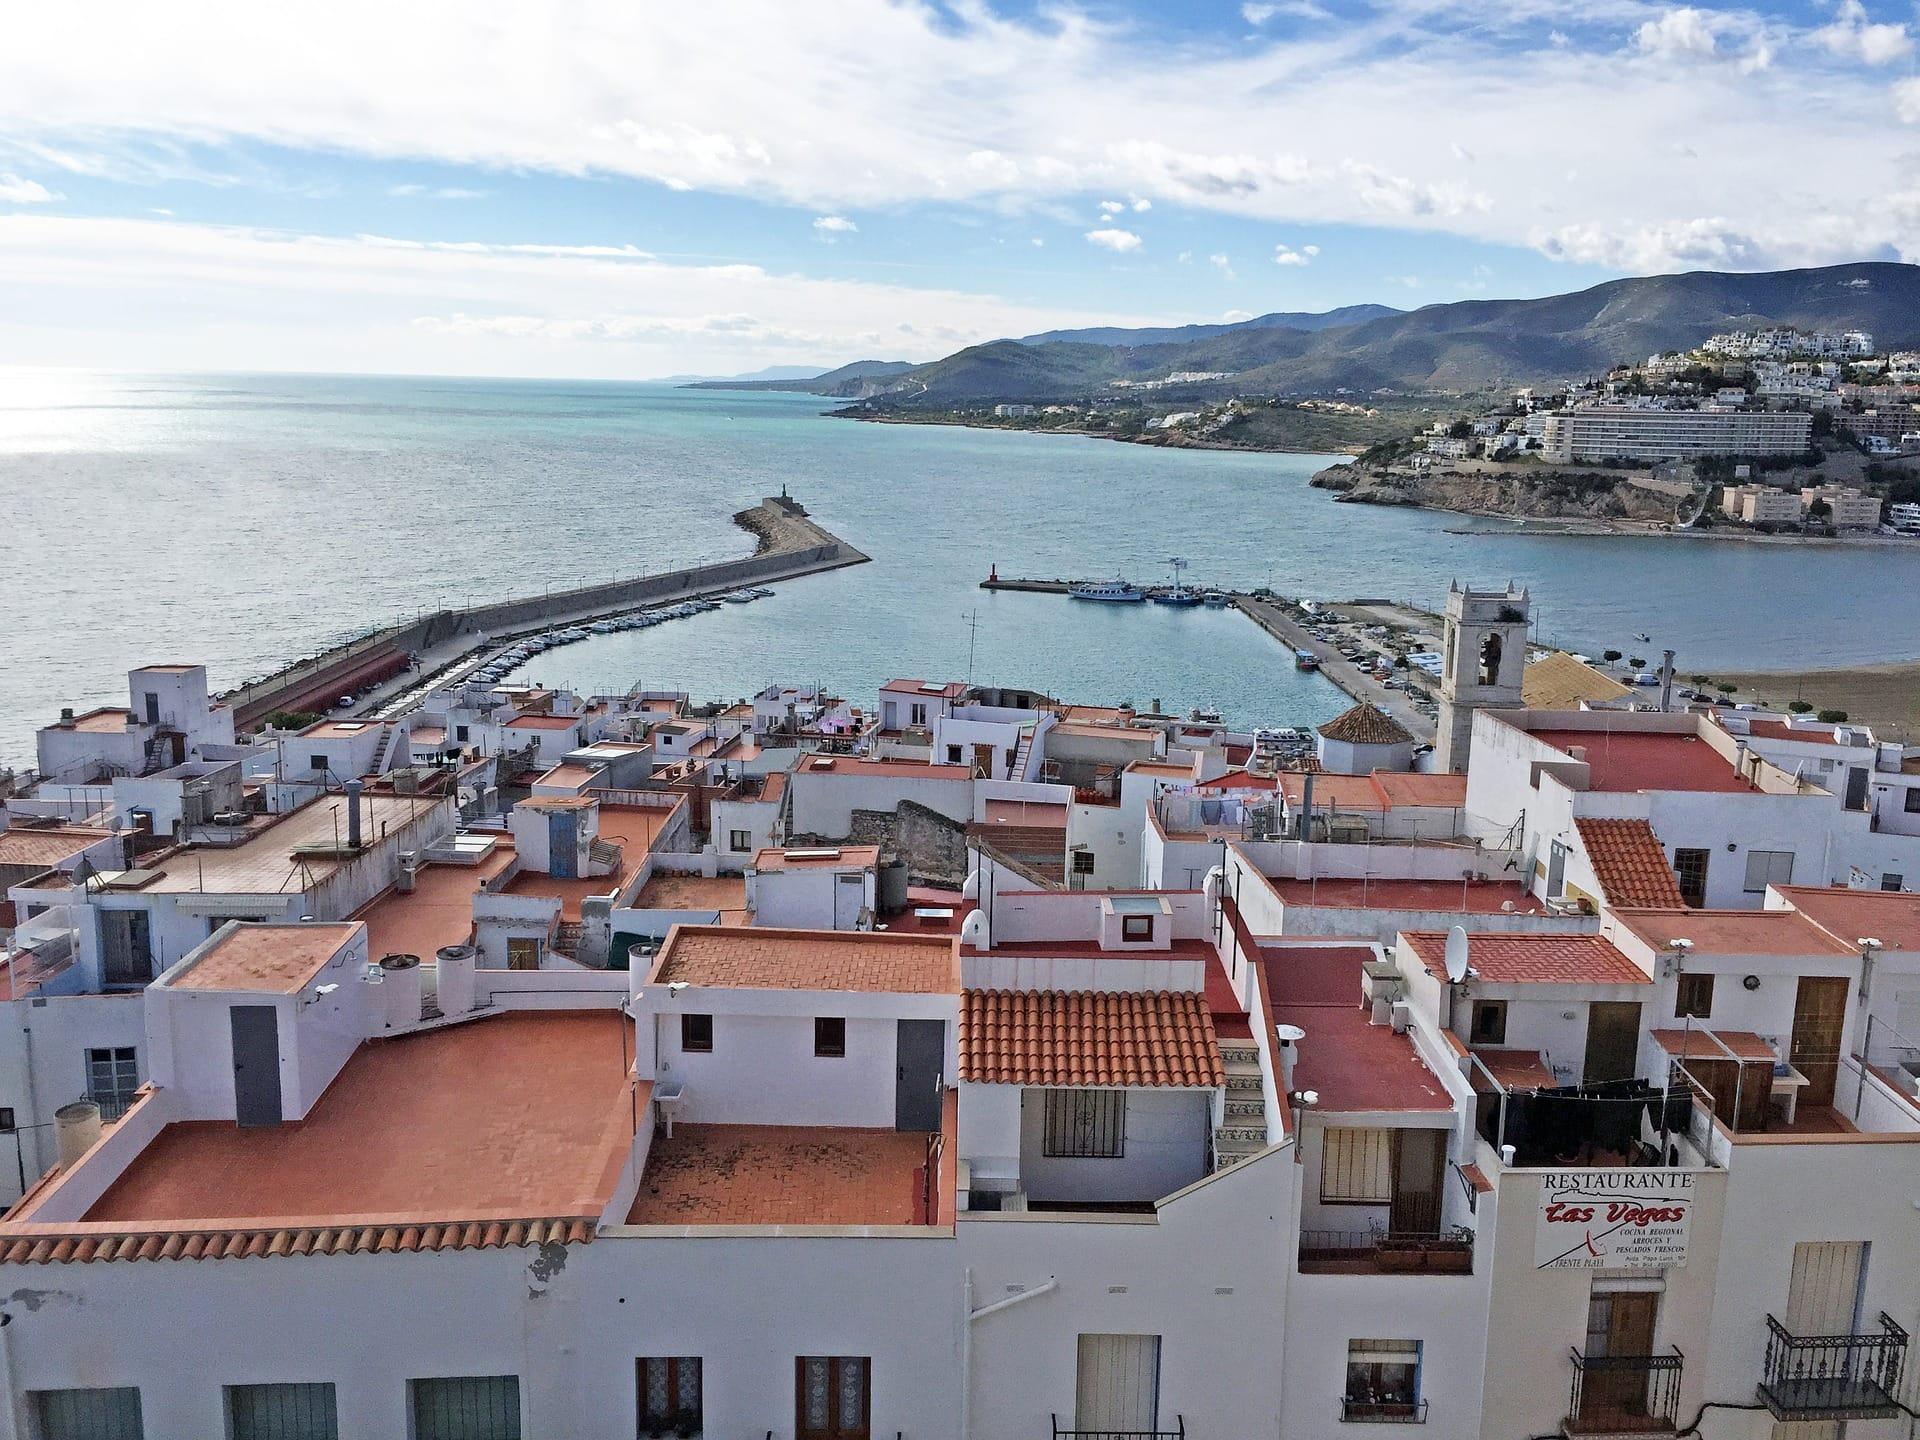 El Consell ratifica la contractació d'emergència per a la reparació del port de Peníscola afectat pel Glòria